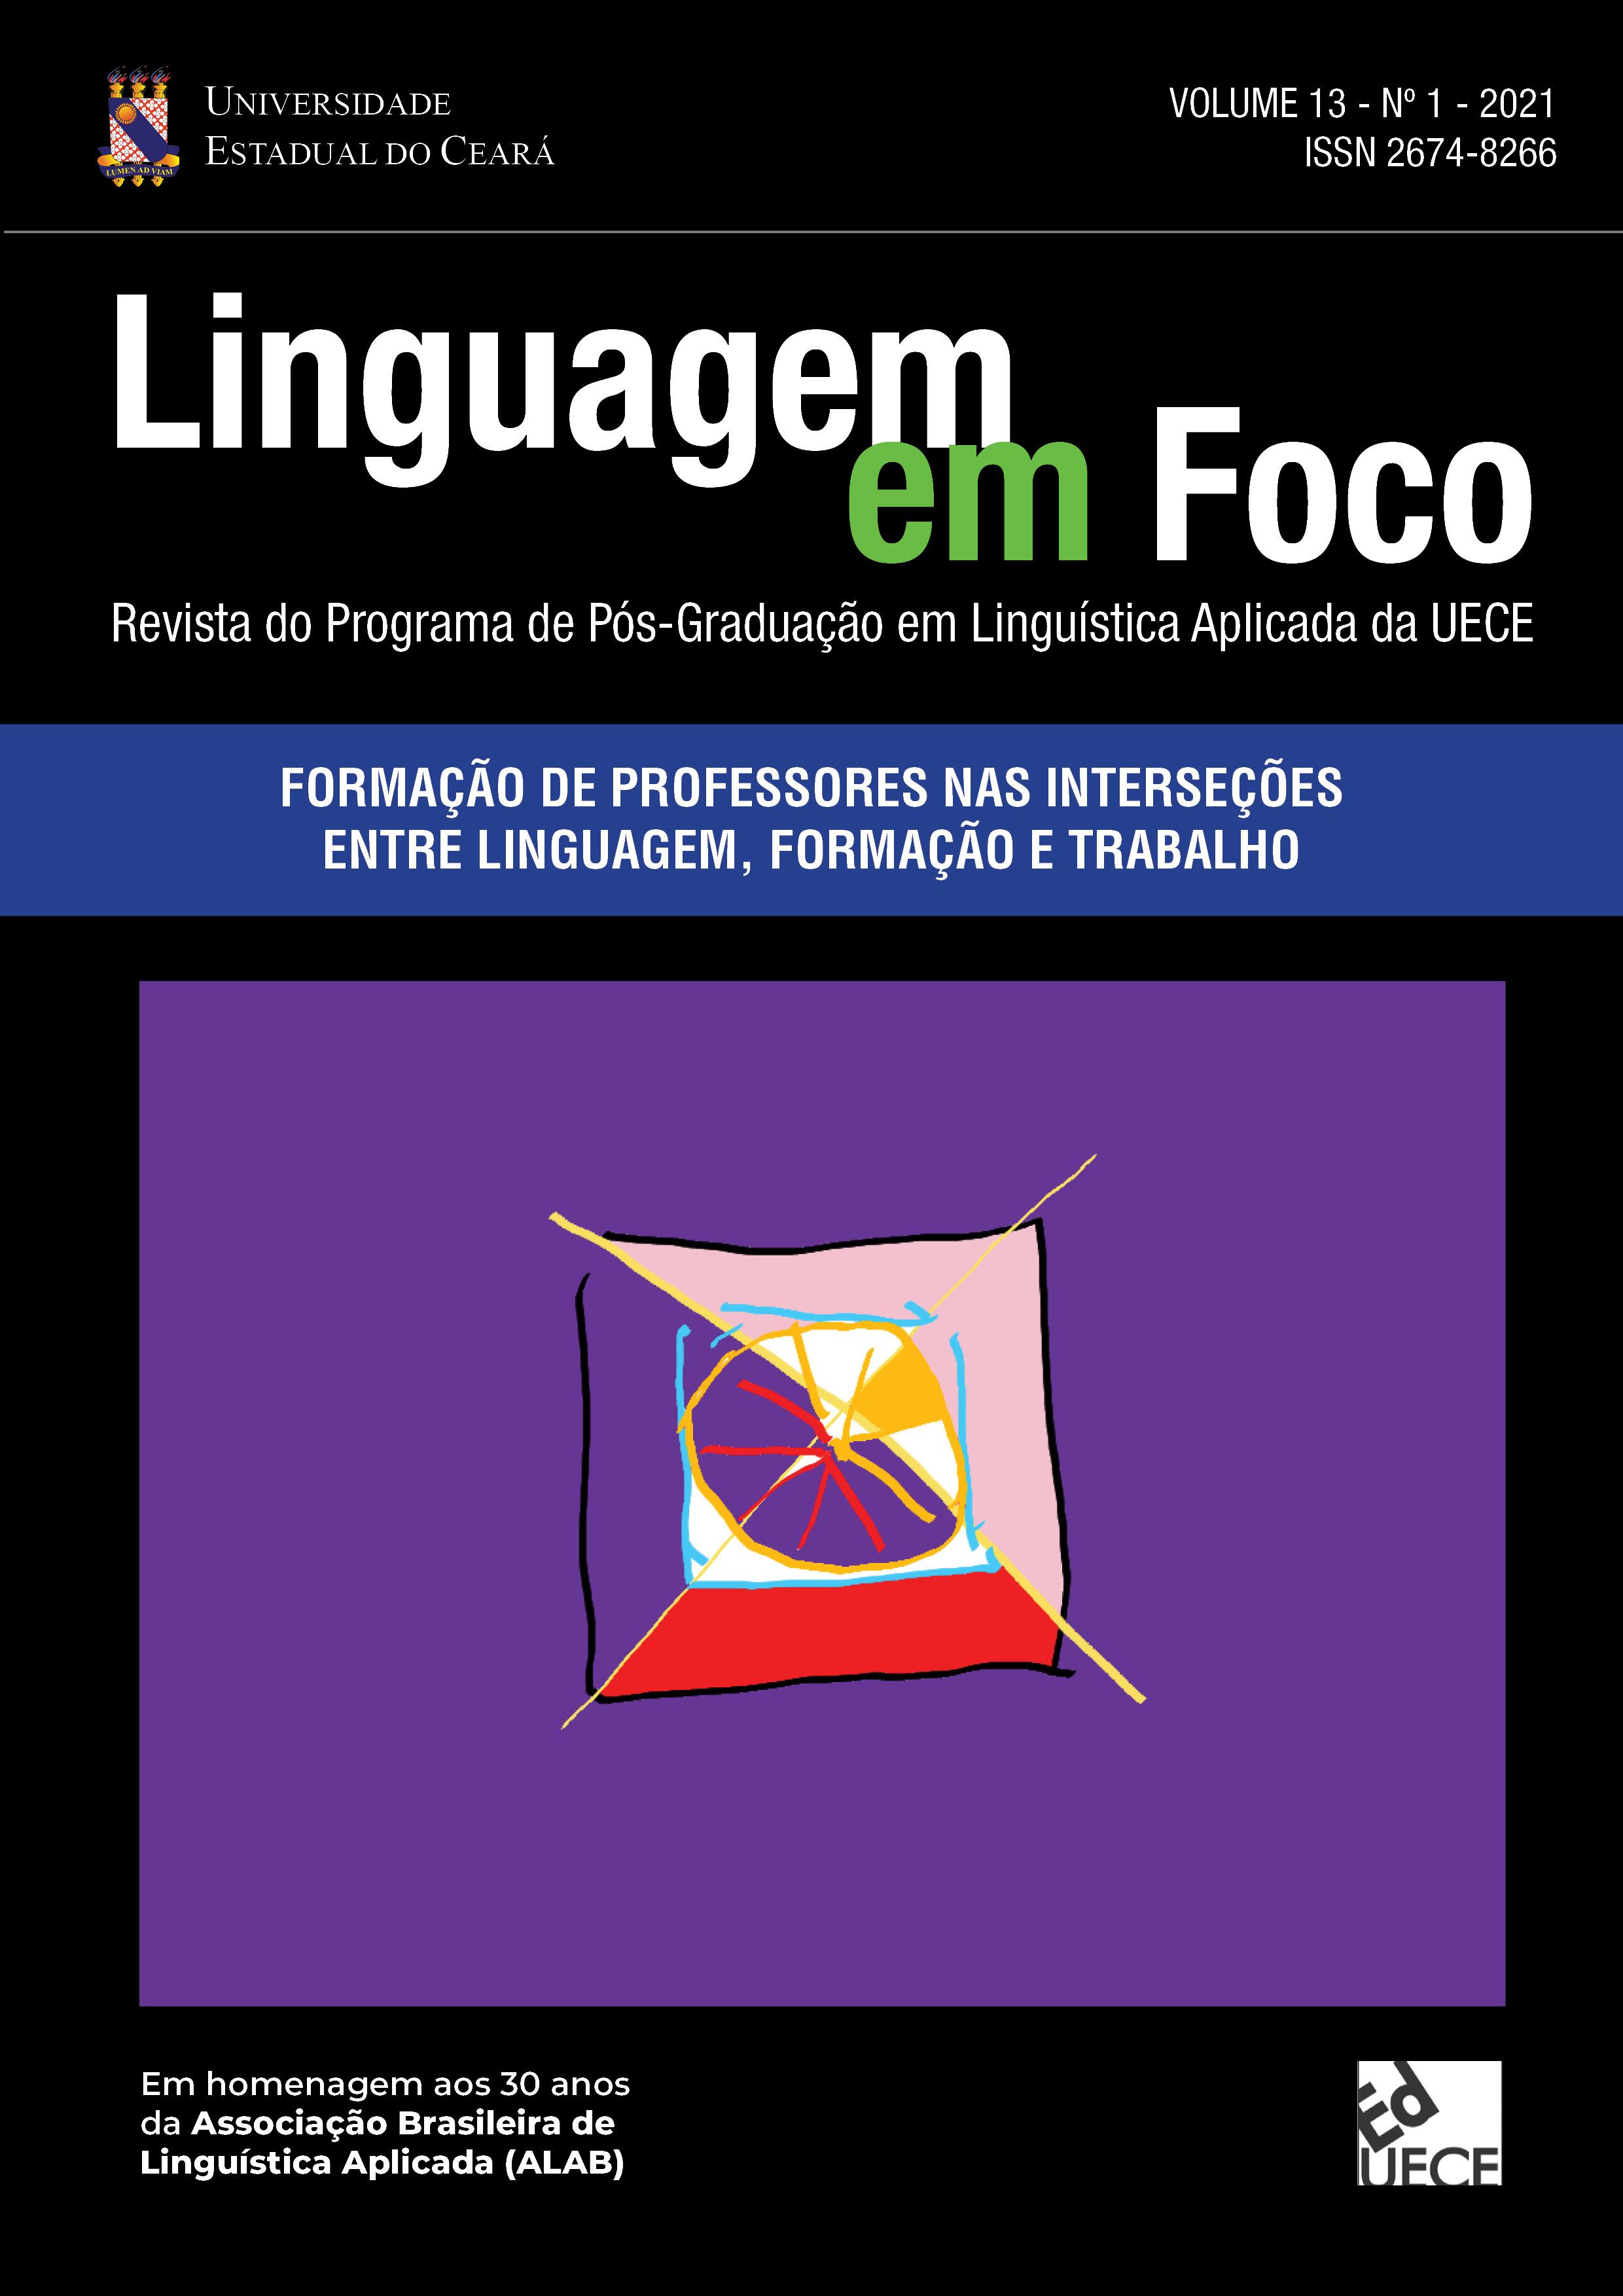 Visualizar v. 13 n. 1 (2021): Formação de professores nas interseções entre linguagem, formação e trabalho